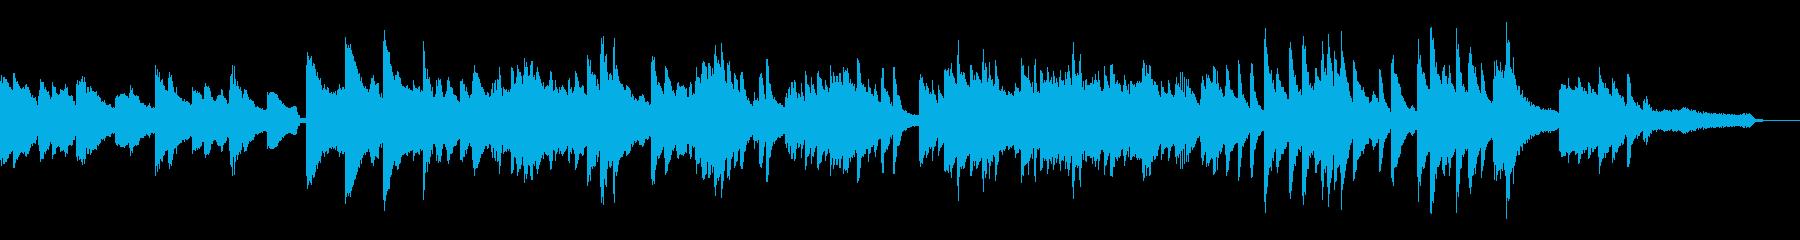 ジャズスタンダード テーマ ピアノ生演奏の再生済みの波形